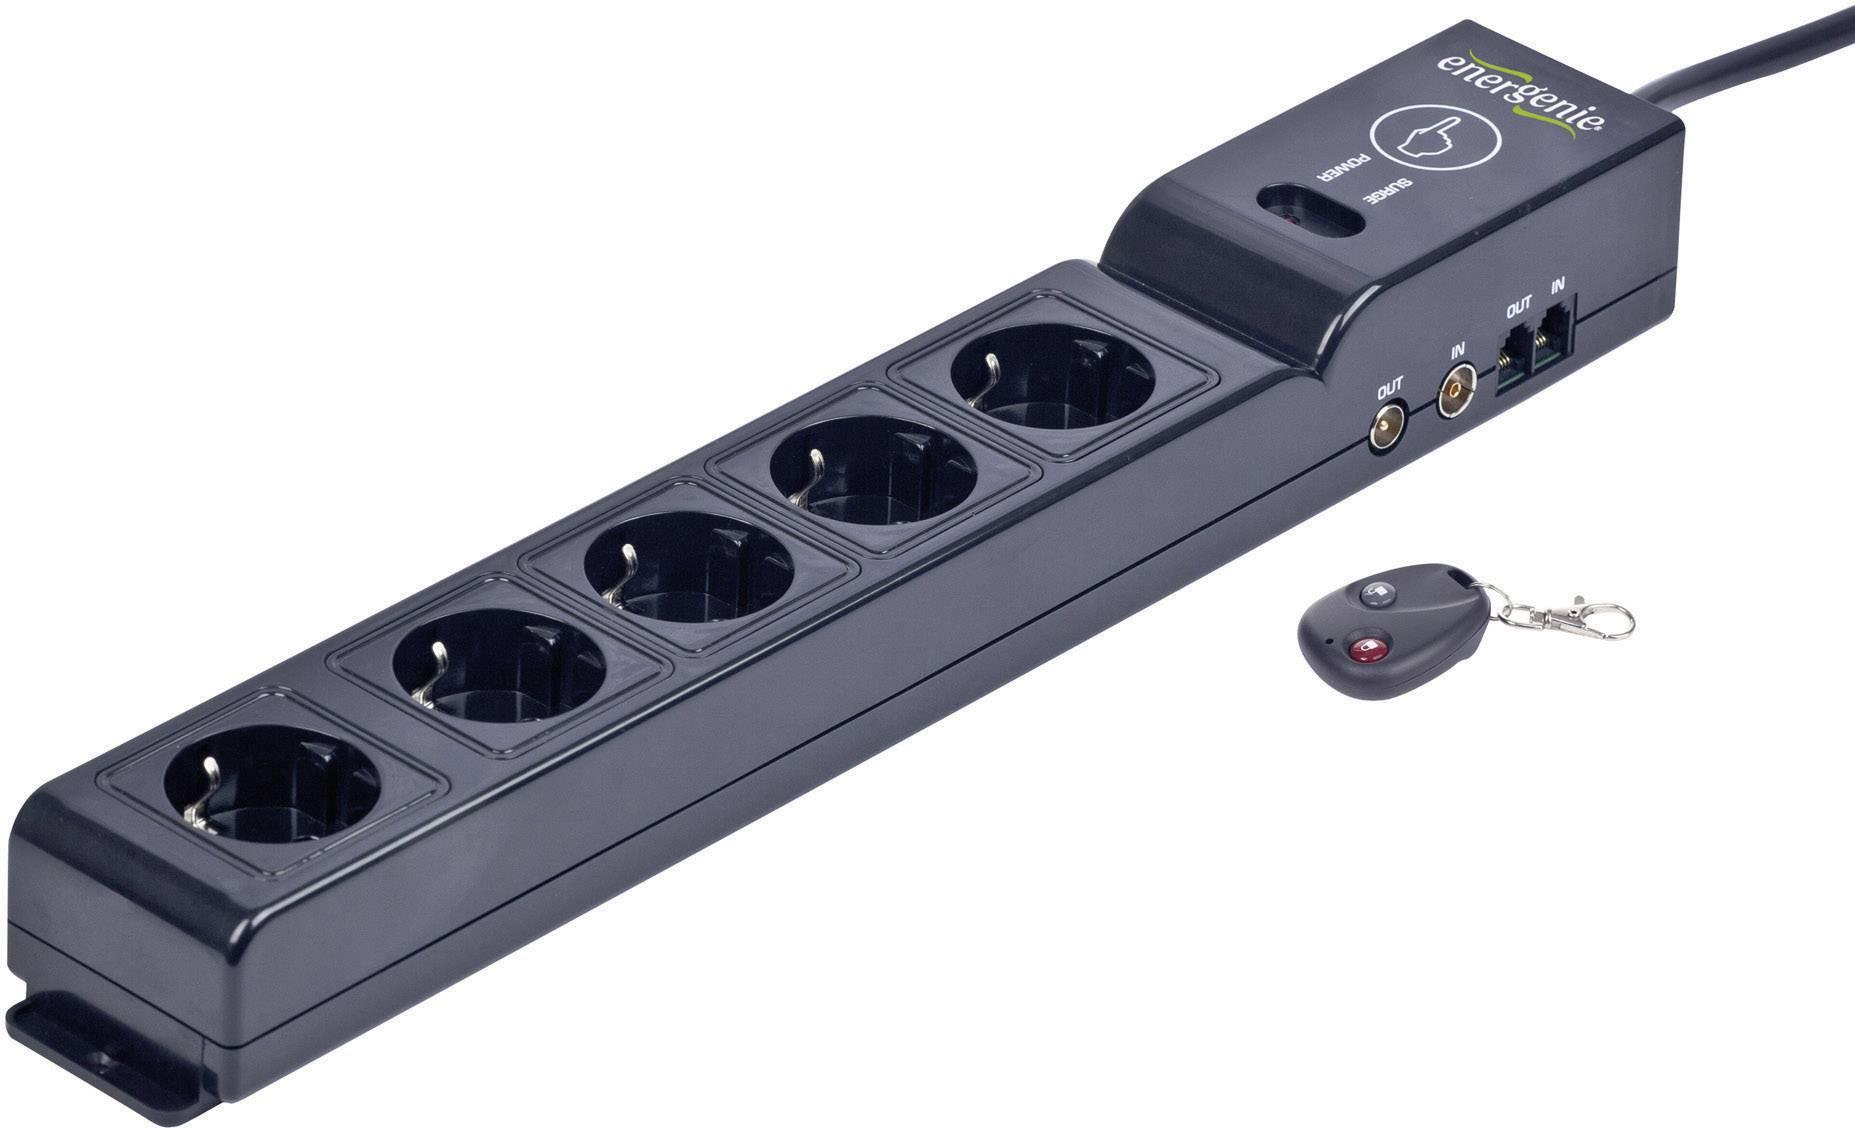 Zásuvková lišta s přepěťovou ochranou a dálkovým ovládáním Gembird, 5 zásuvek, černá